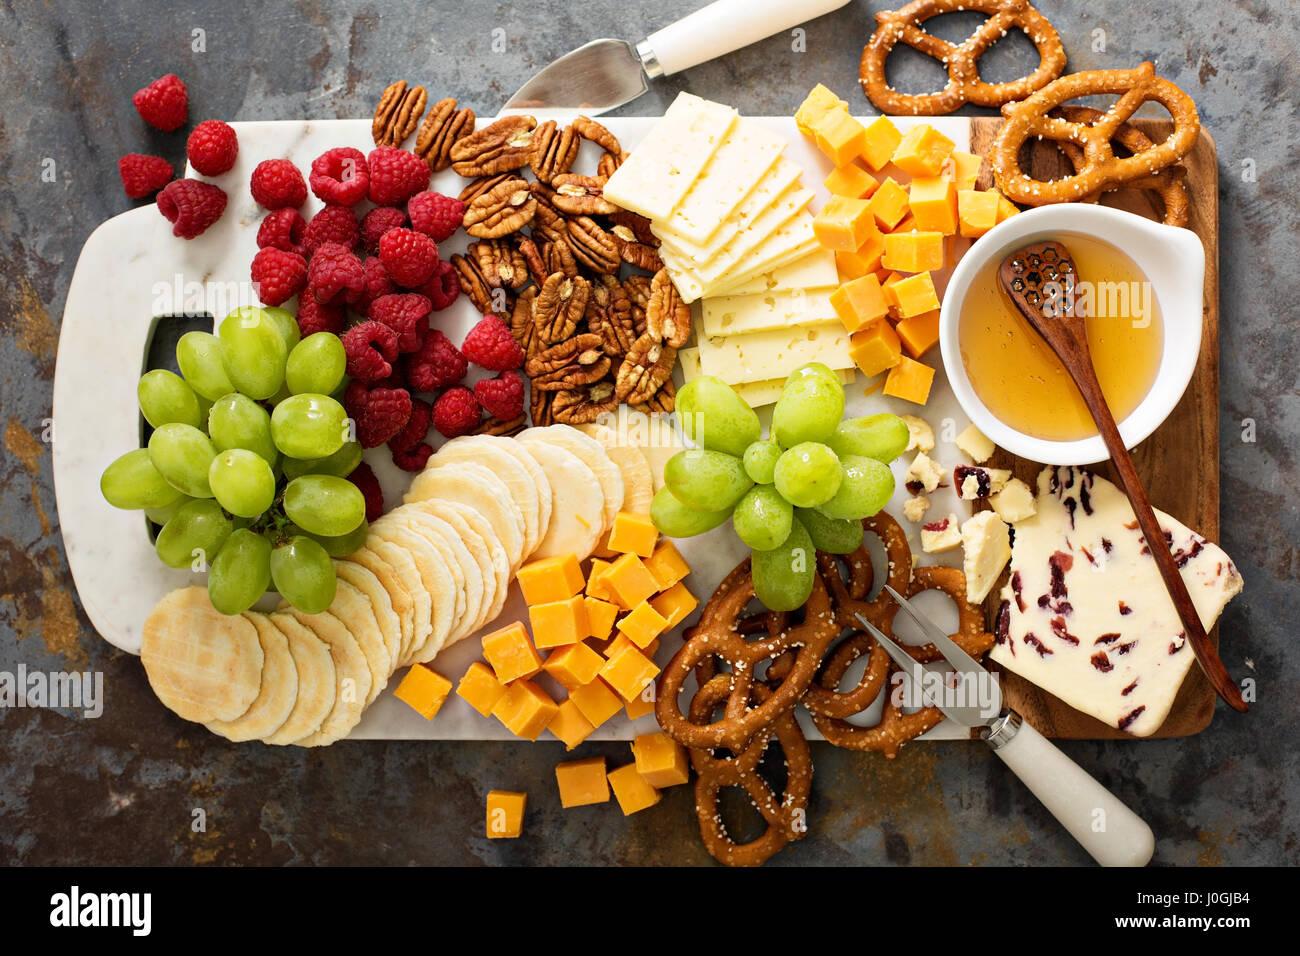 Käse und Snacks Platte mit Honig und frischem Obst Stockbild